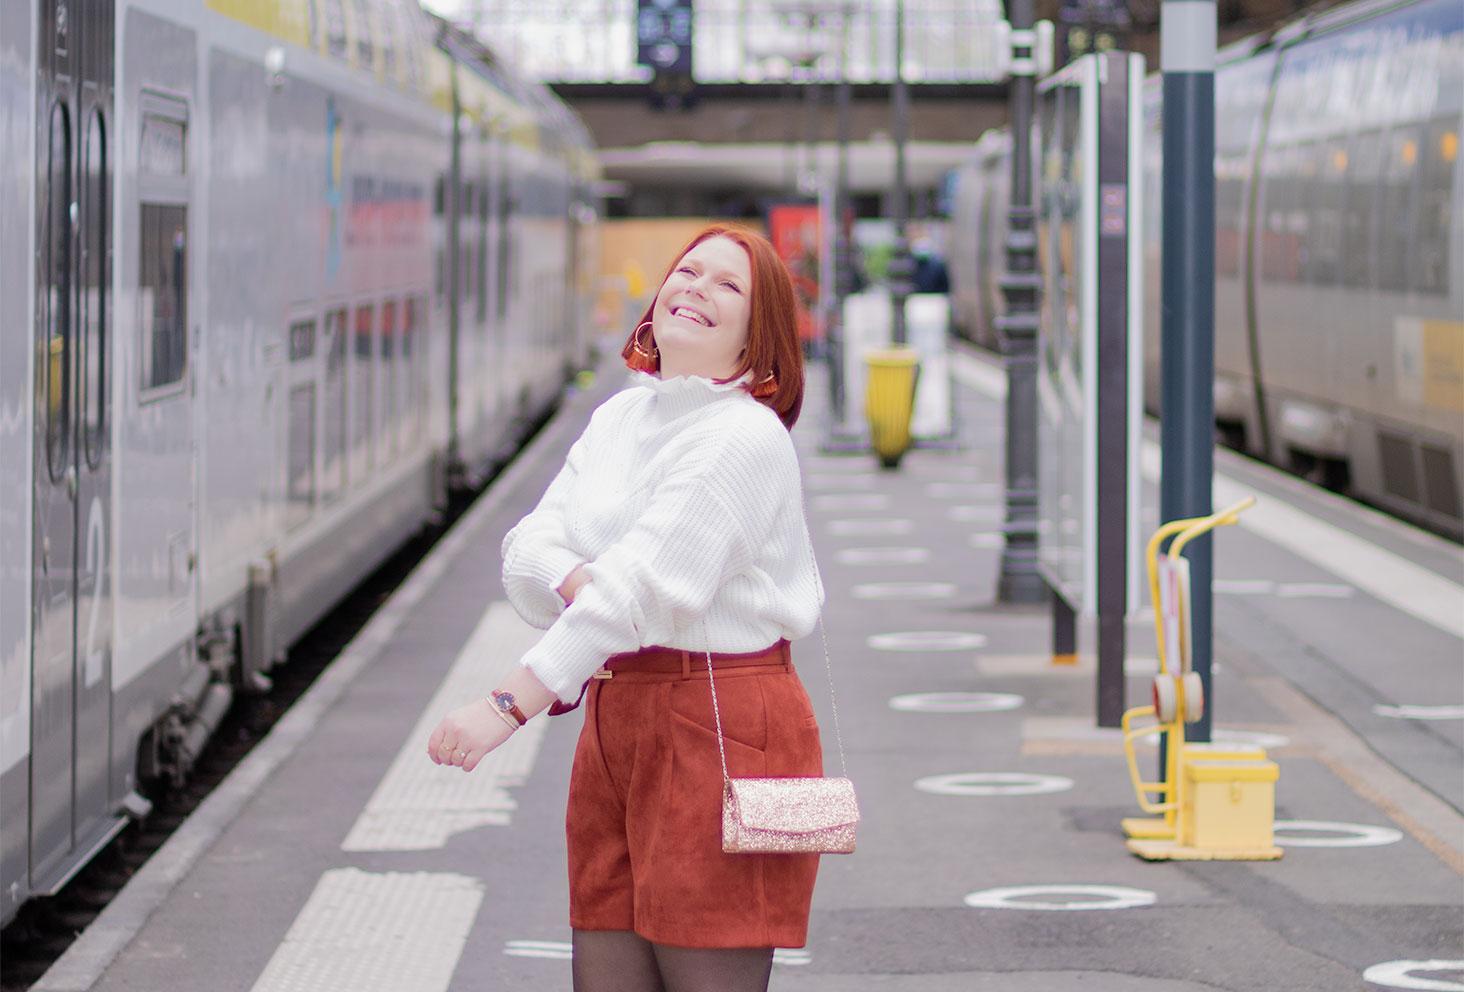 En attendant le train, en look de fêtes à paillettes, avec le sourire